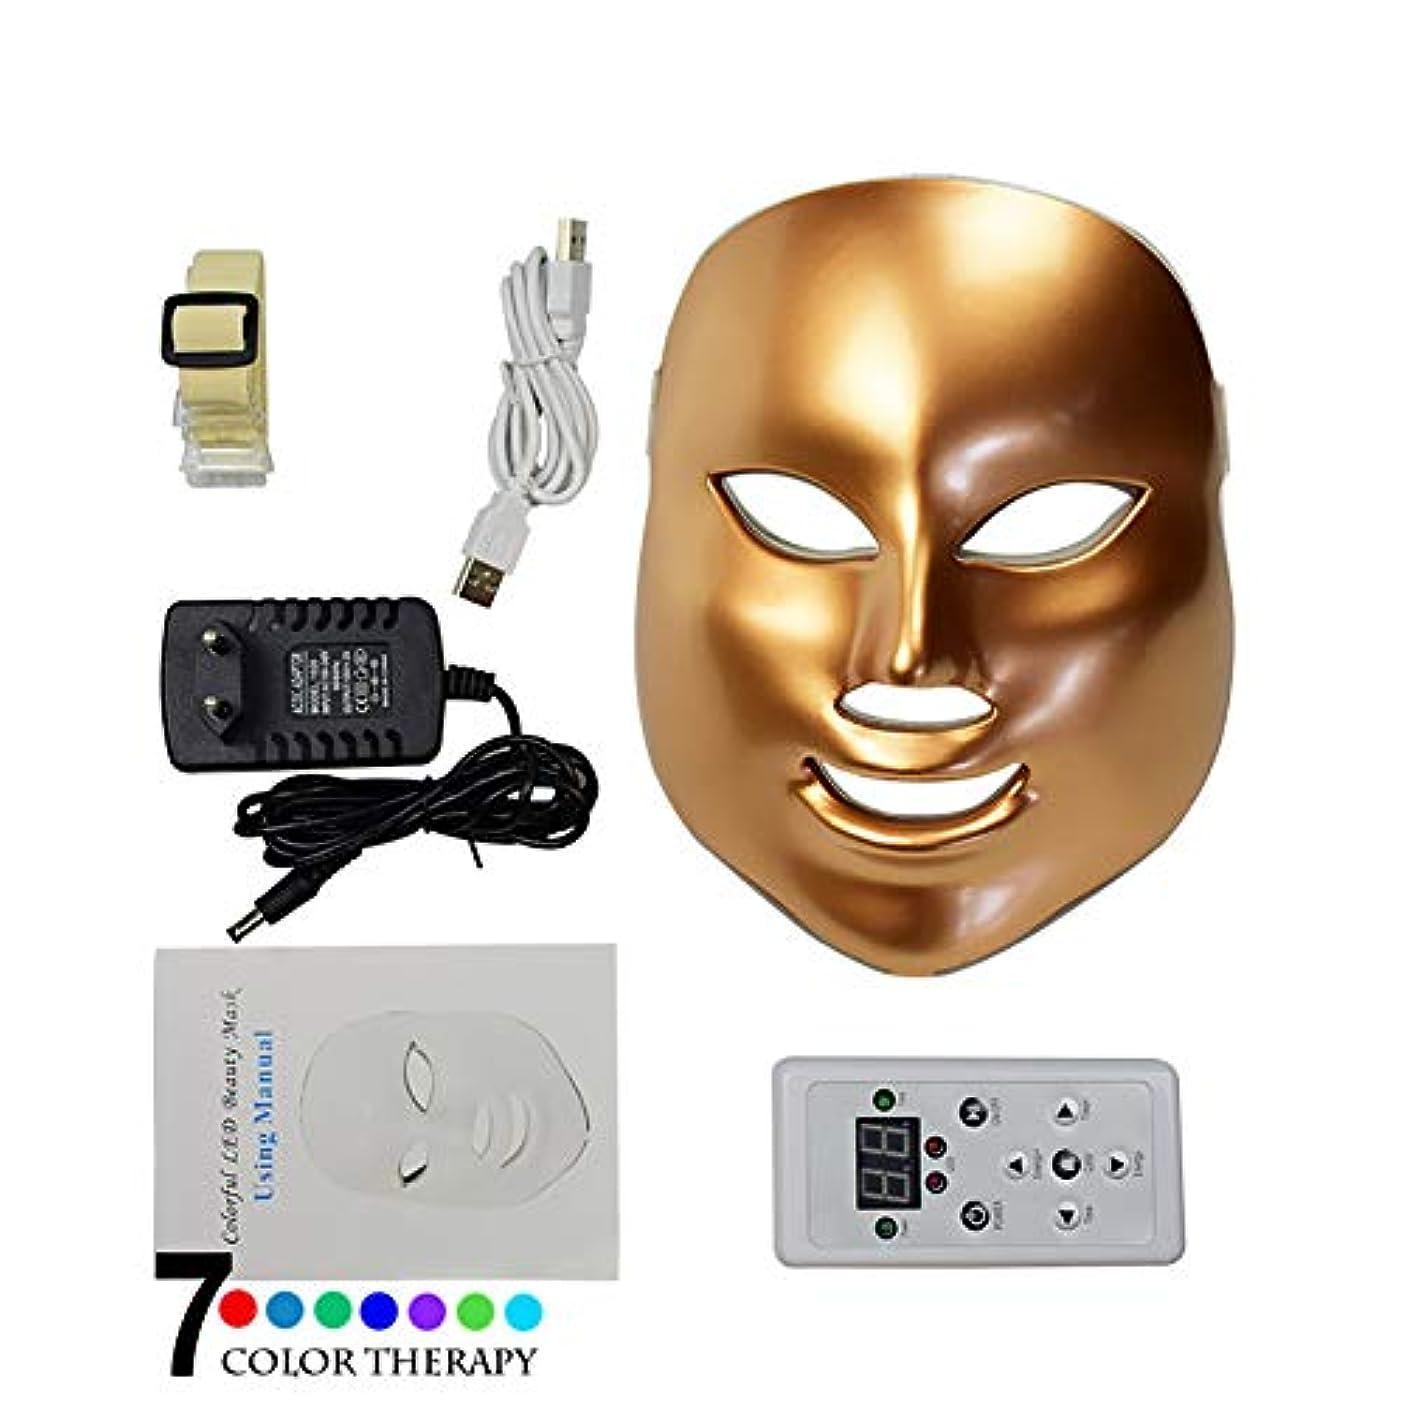 フライト叫ぶ定期的な7色LEDフェイスマスク、7色LEDスキン光線療法器具、健康的な肌の若返りのためのレッドライトセラピー、アンチエイジング、しわ、瘢痕化,Gold